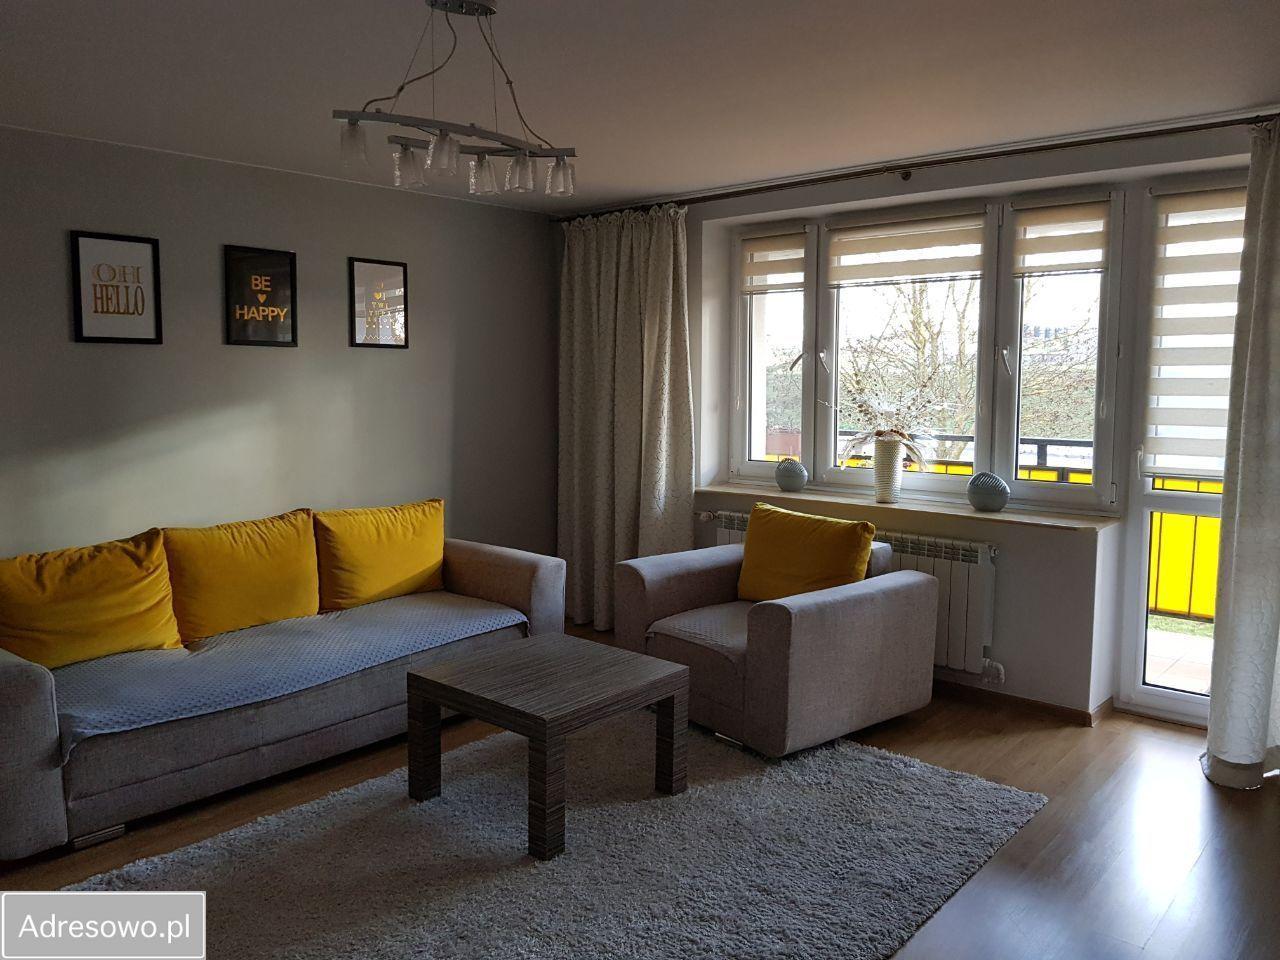 Mieszkanie 4-pokojowe Łomża, ul. Przykoszarowa